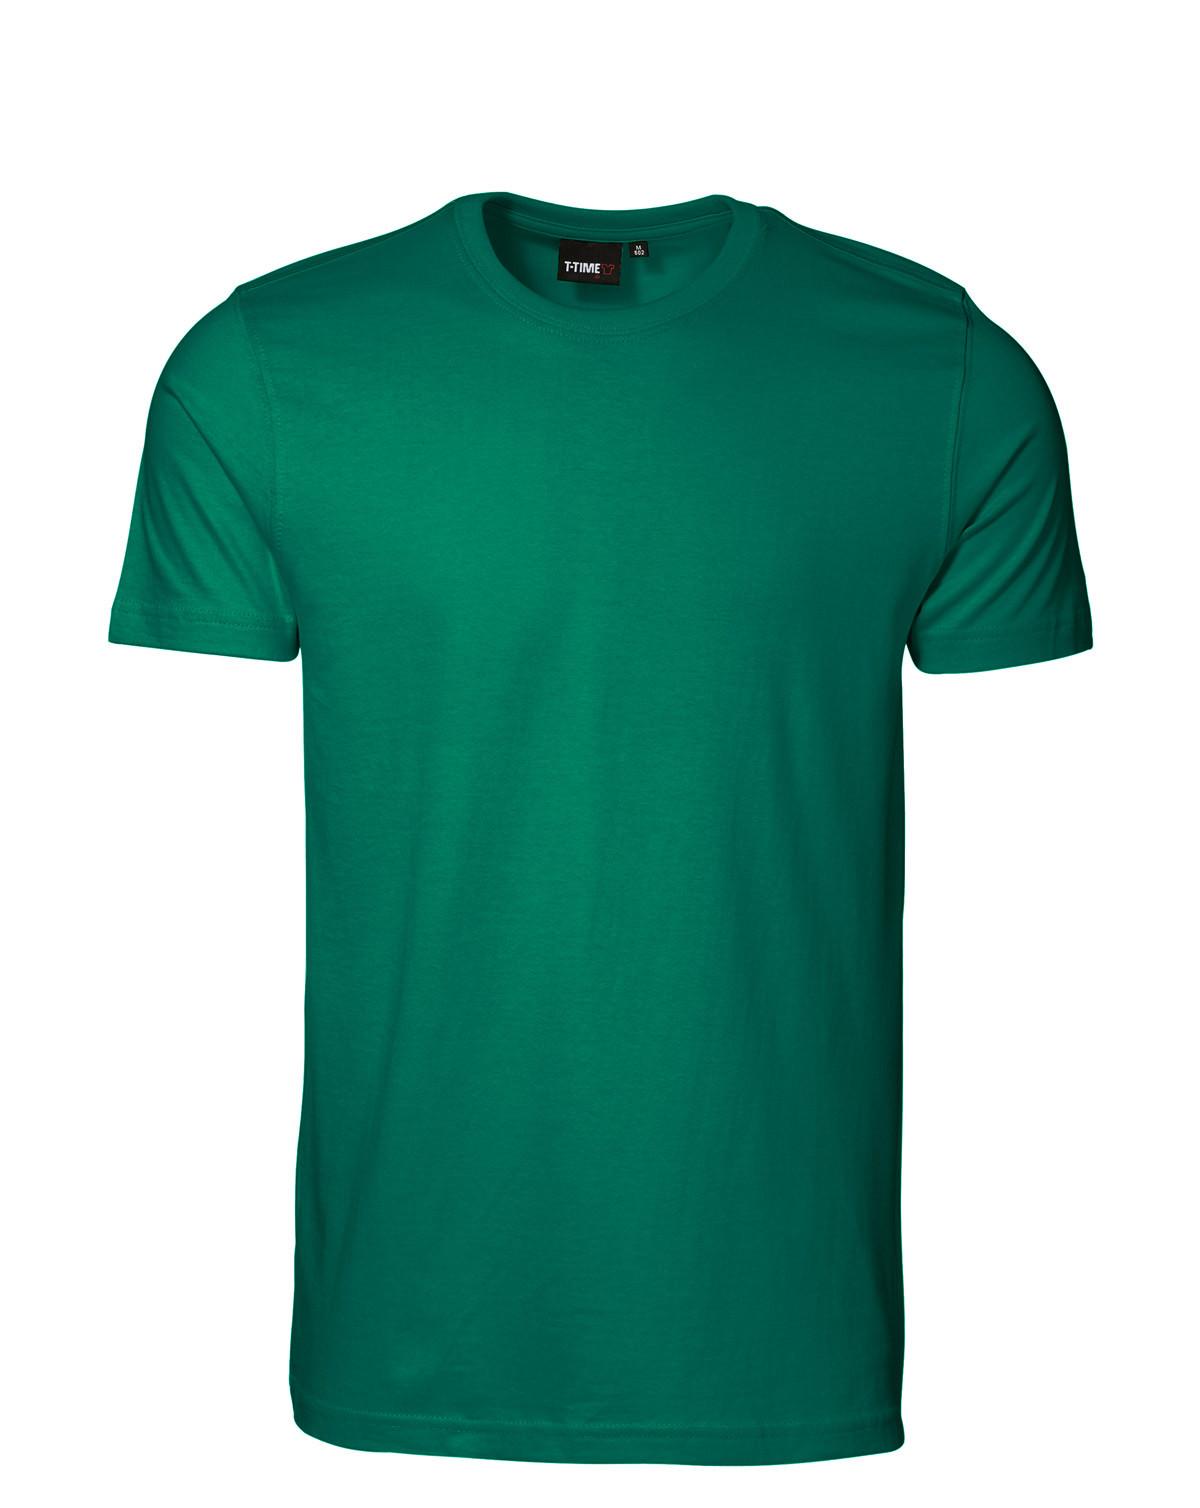 ID T-shirt, Sporty-Fit (Grön, M)